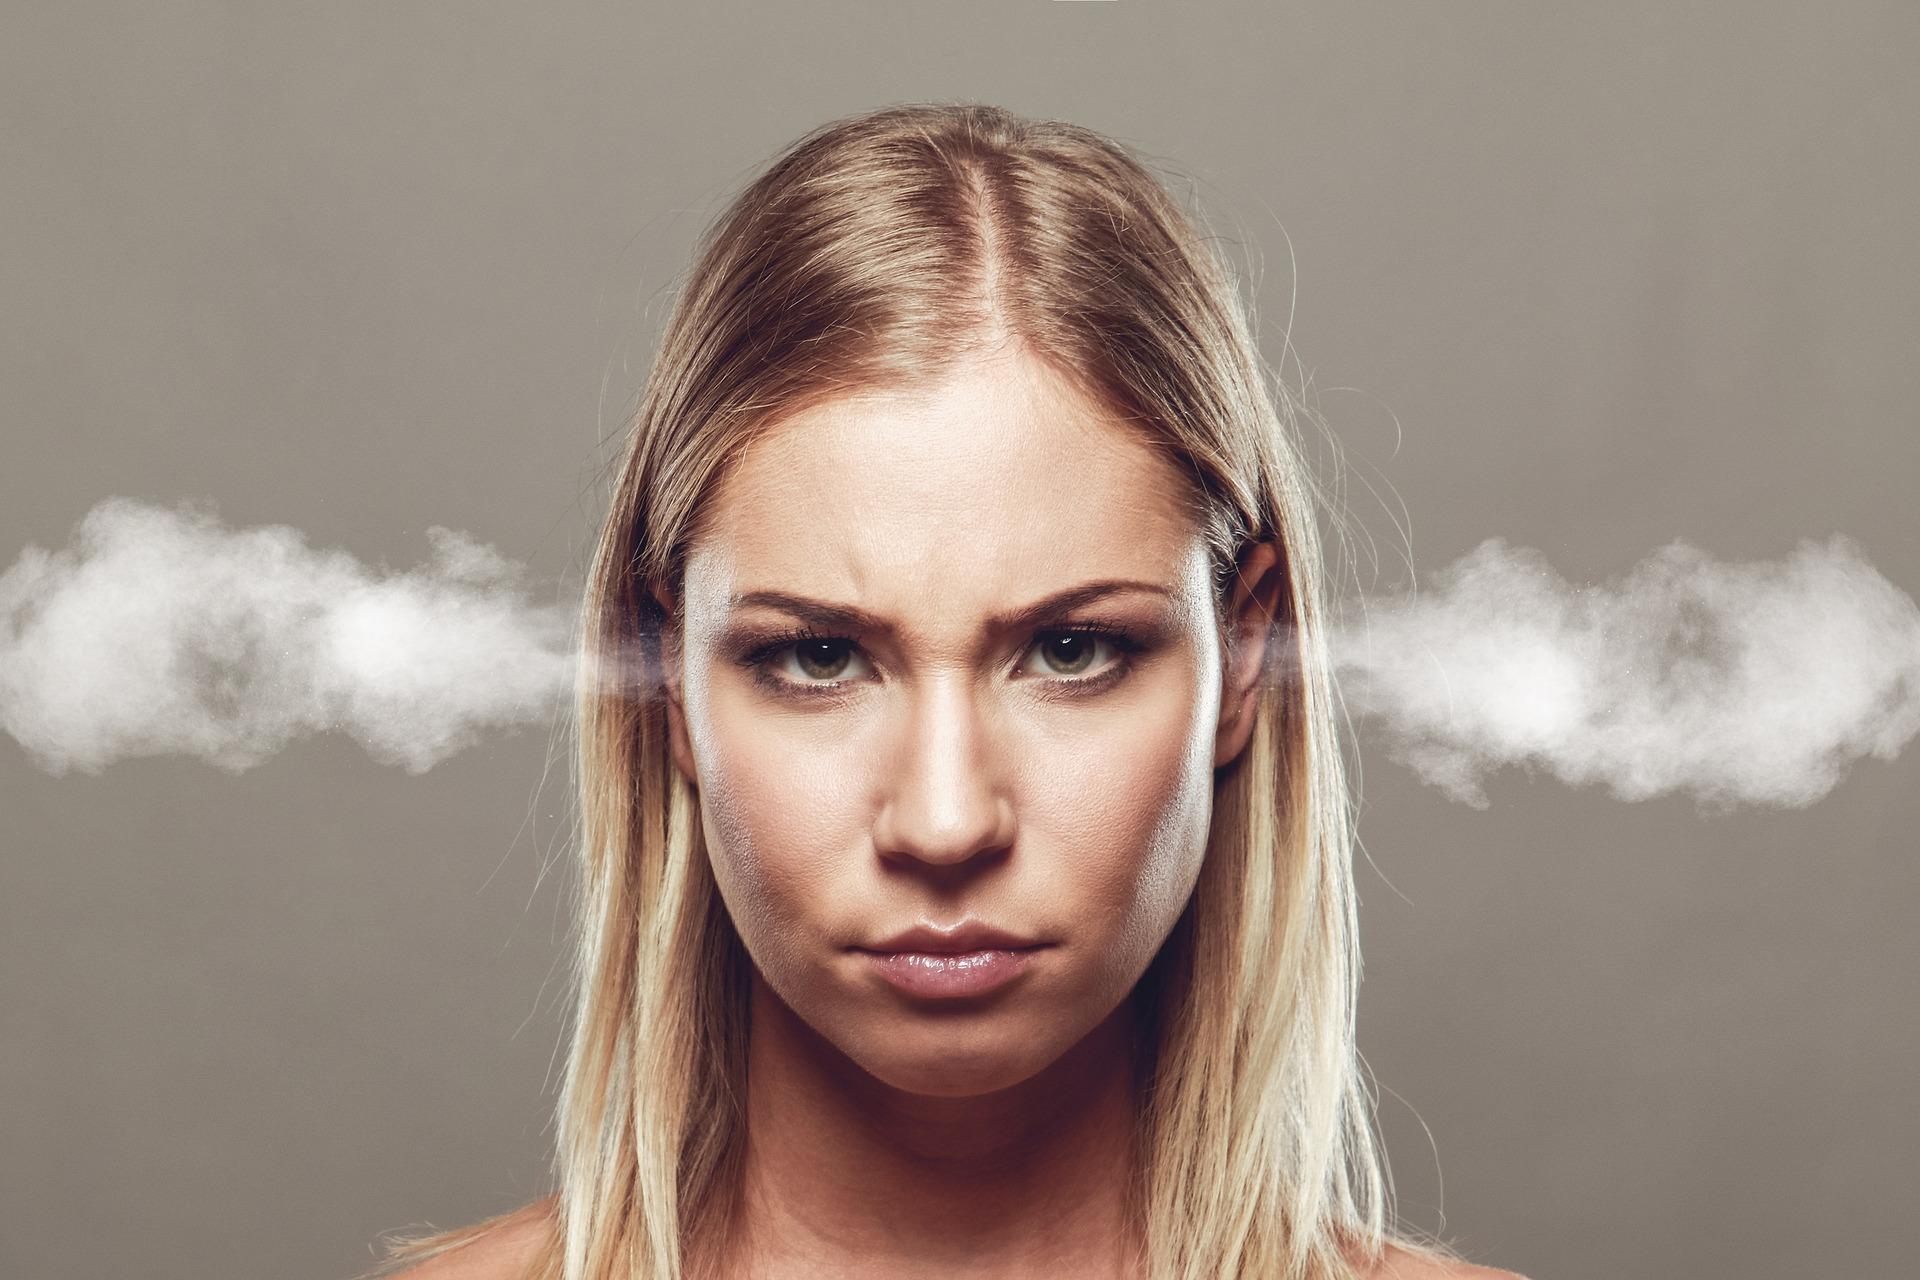 Talent Juice - Lo de la inteligencia emocional es una gilipollez.